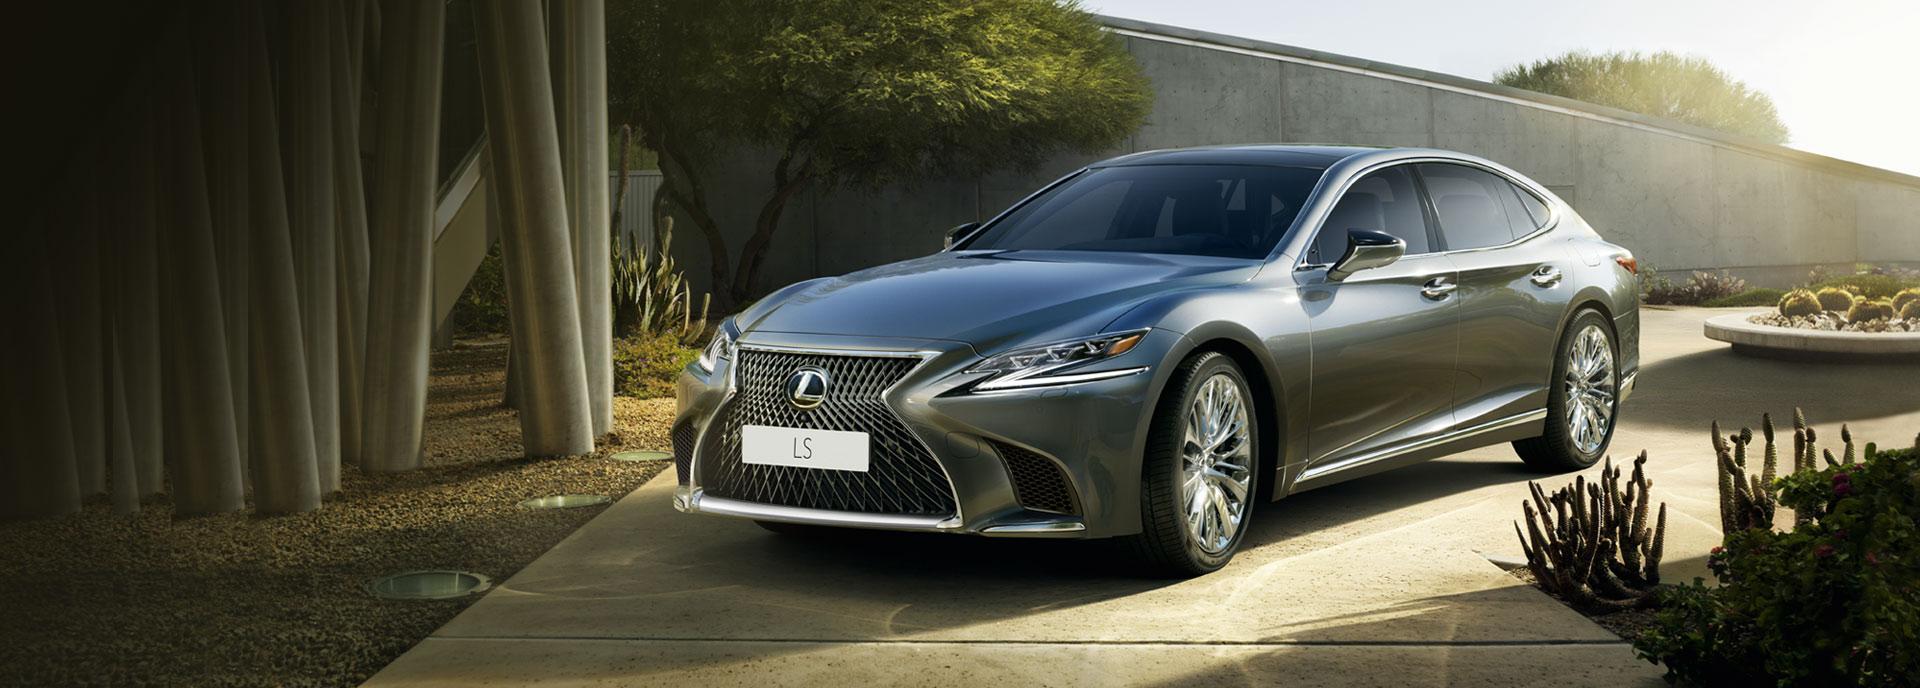 2018 Lexus New LS Hero